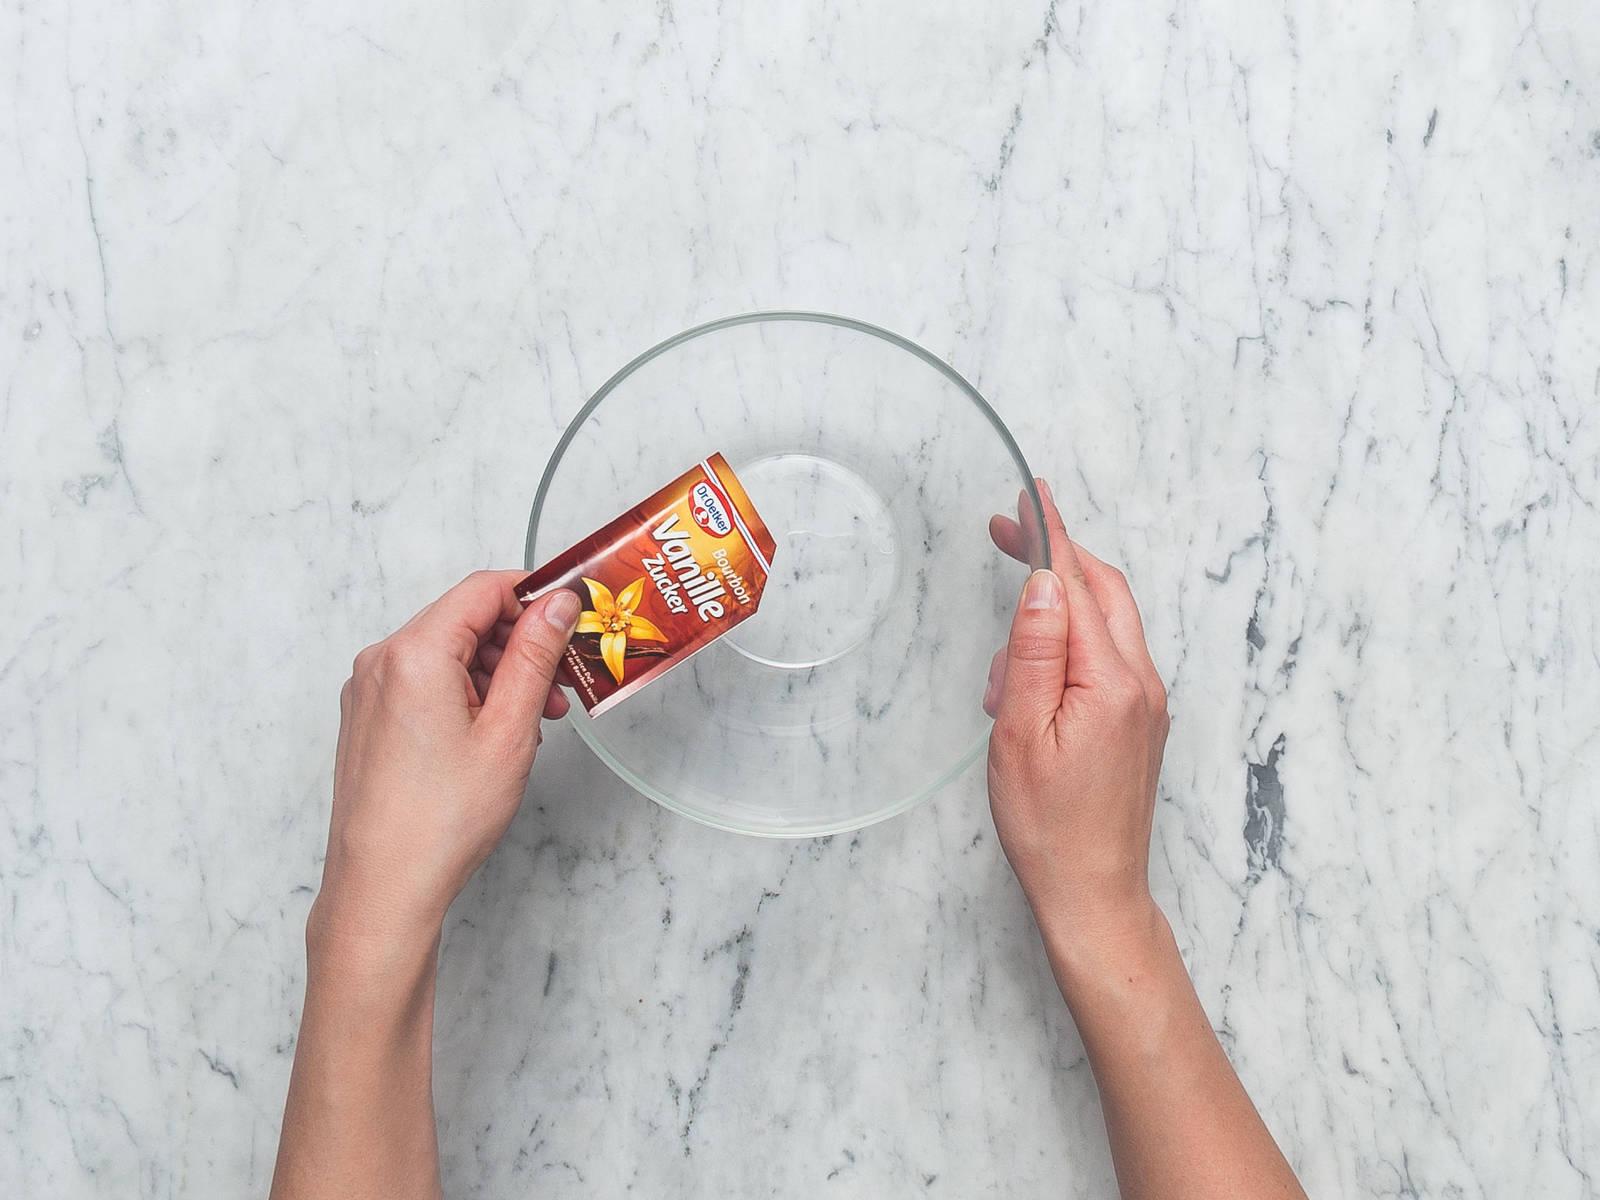 将烤箱预热至180℃。用油润滑长条烤盘。如有需要,可铺上烘焙纸。将罂粟籽粉、香草糖和些许植物油混合。将橘子擦出皮碎并榨汁待用。